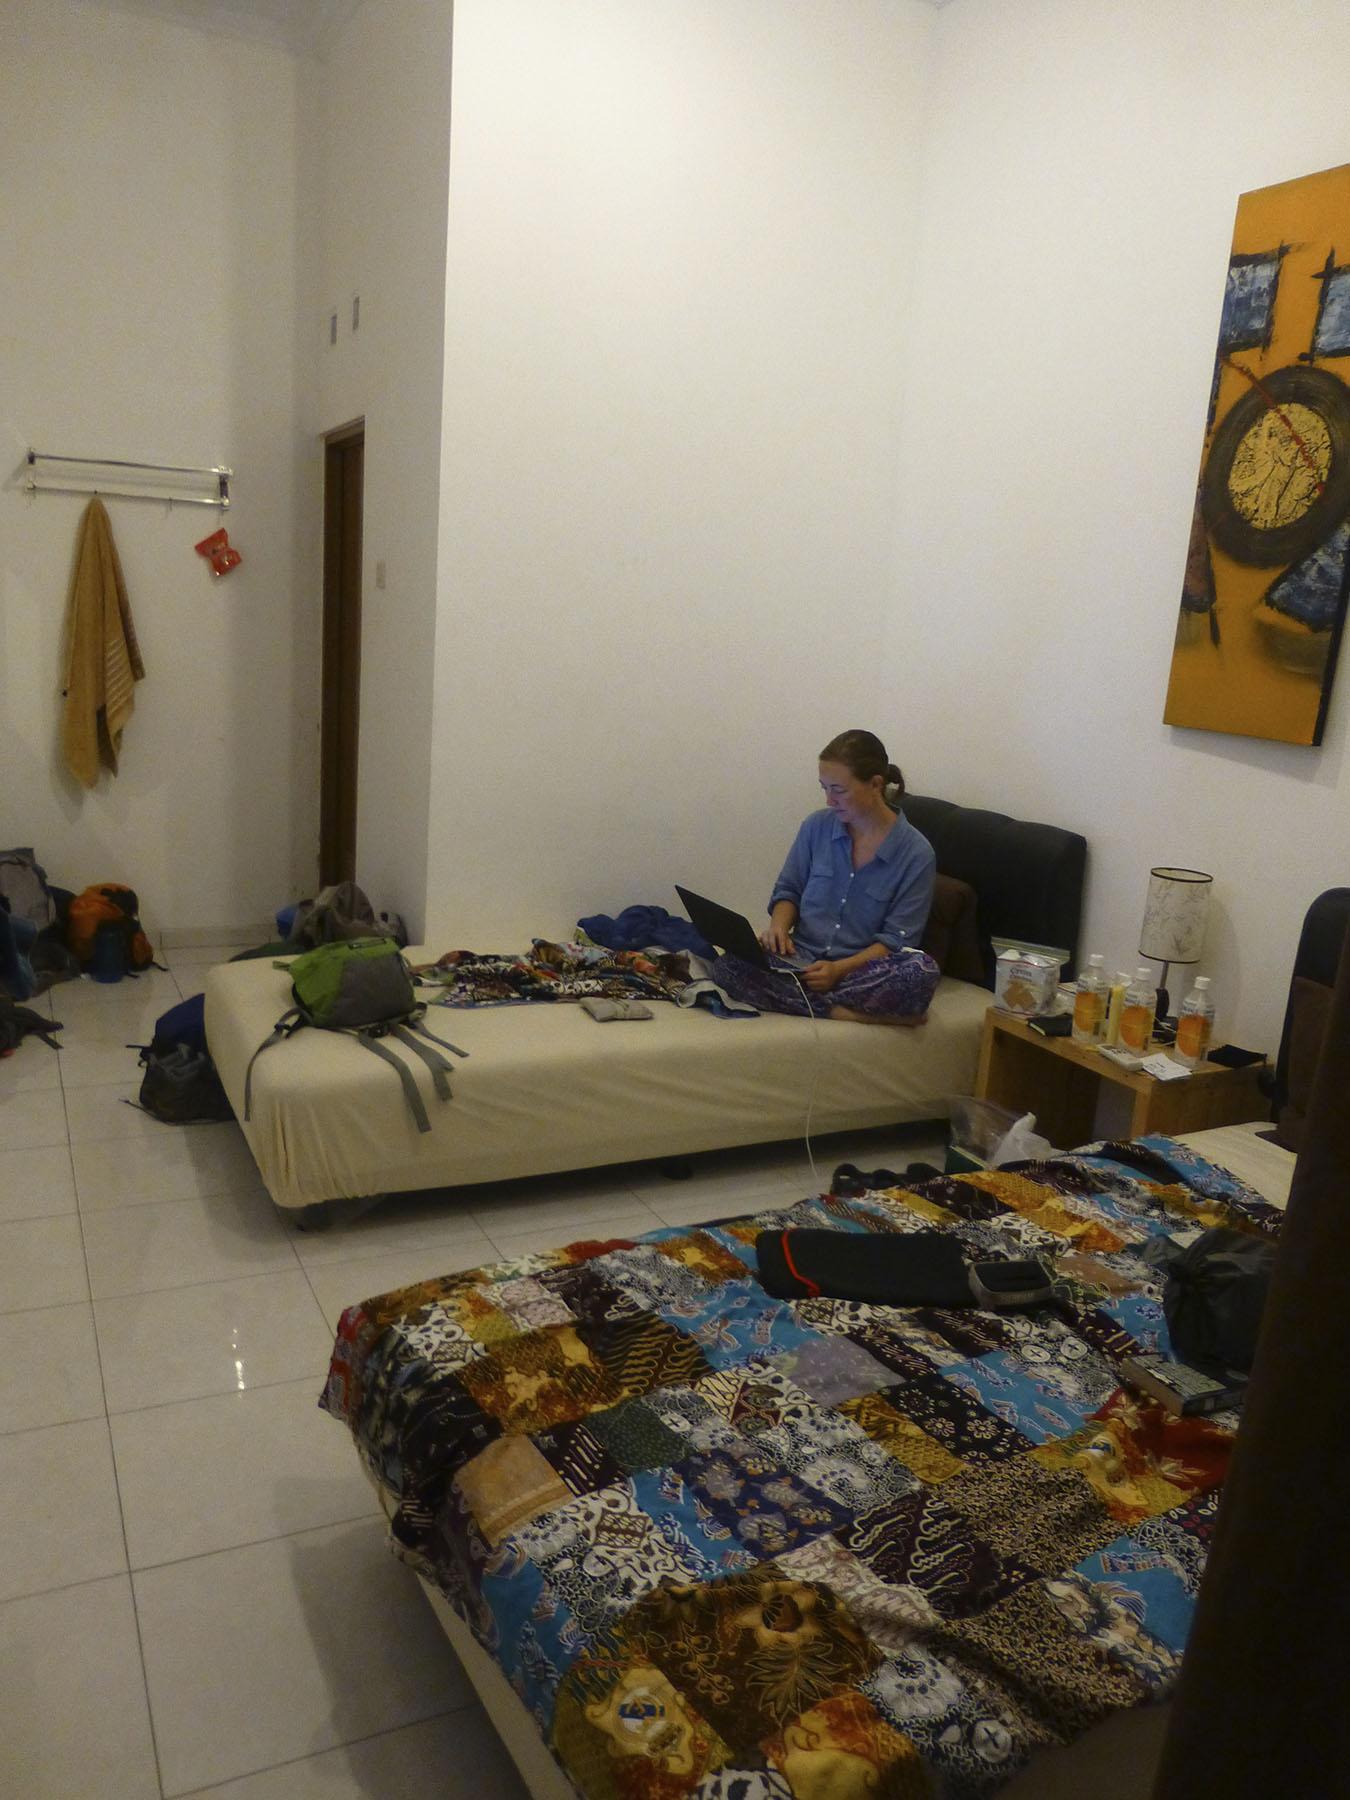 Homestay in Yogyakarta